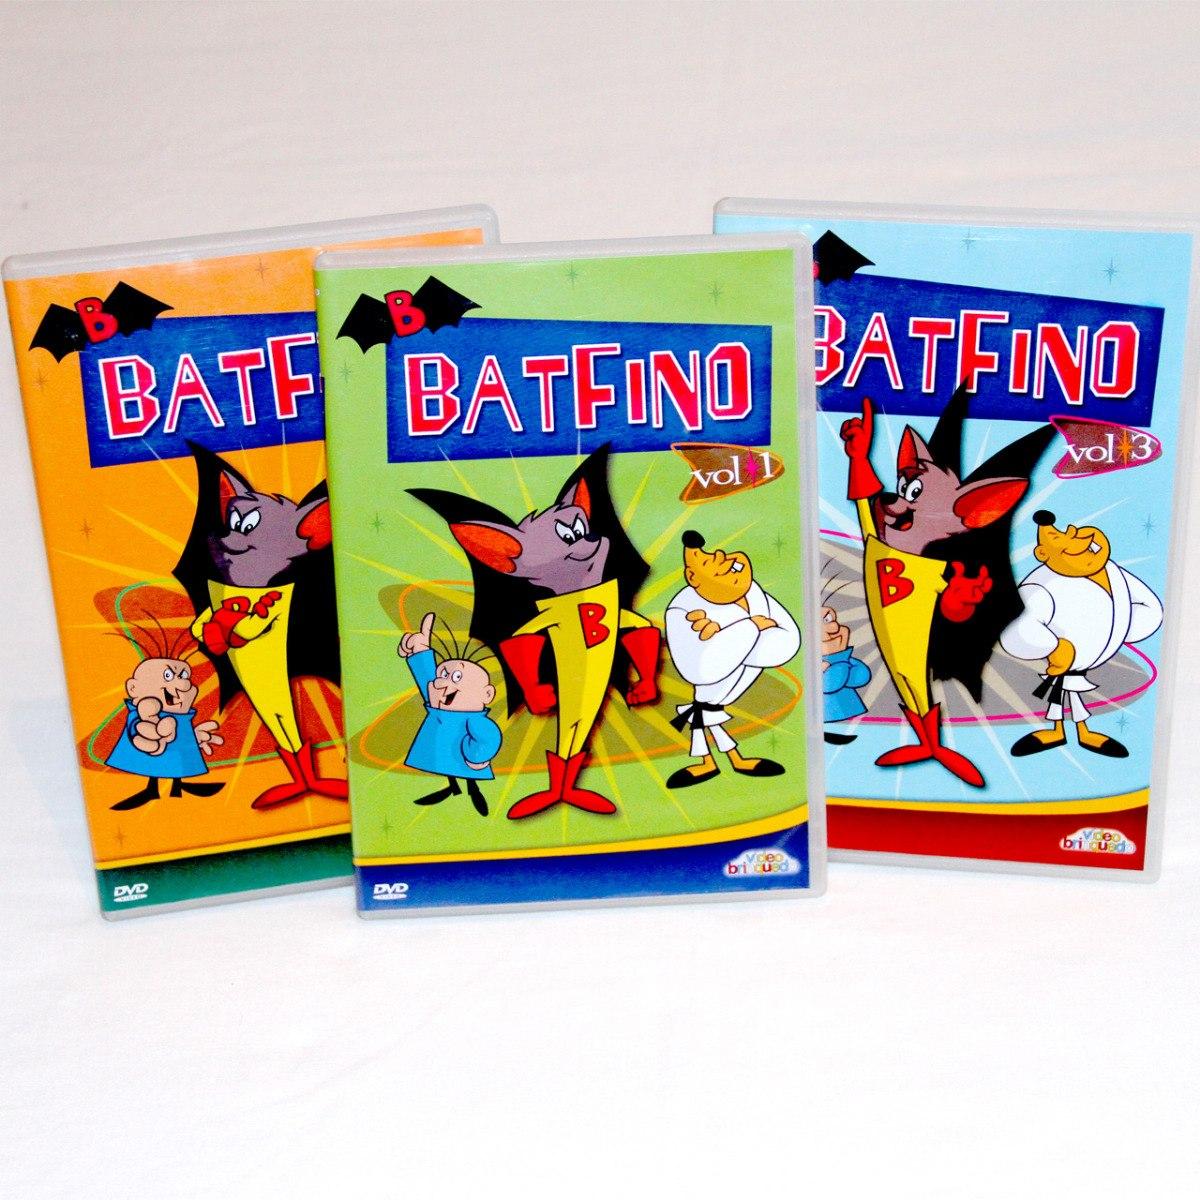 Dvd Batfino Desenho Animado Completa 3 Dvds R 58 00 Em Mercado